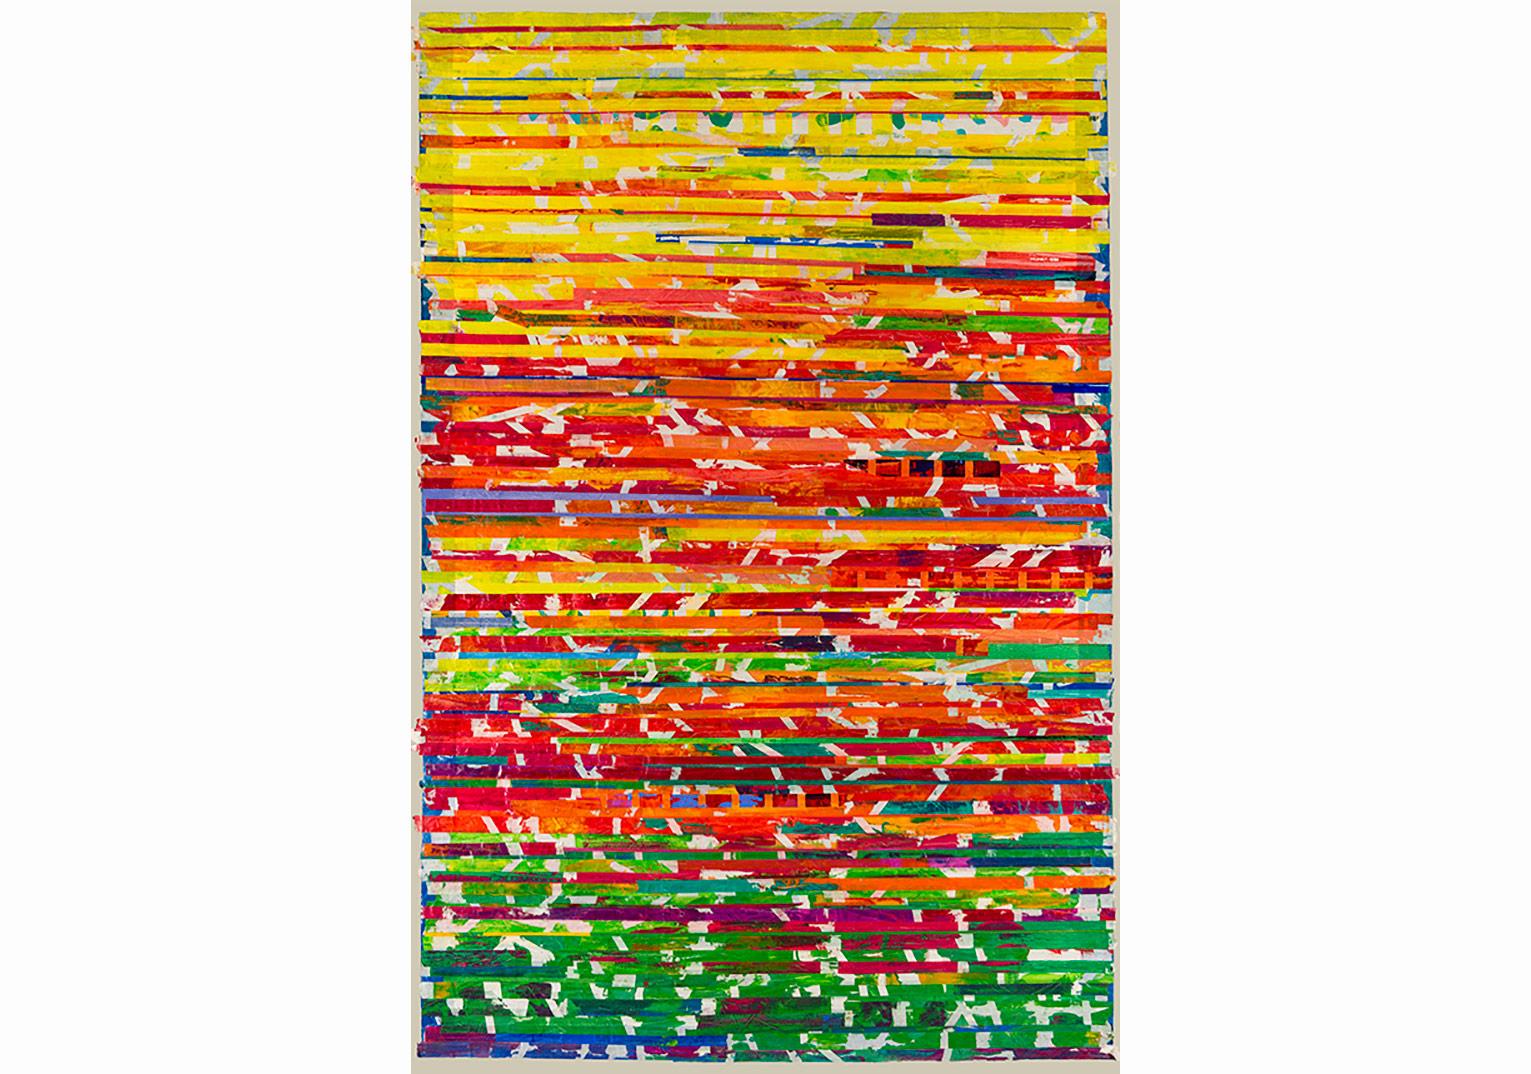 Seçil Erel, Olduğu gibi 2, 2016, kağıt üzerine maskeleme bandı ve yağlı boya, 160x105cm